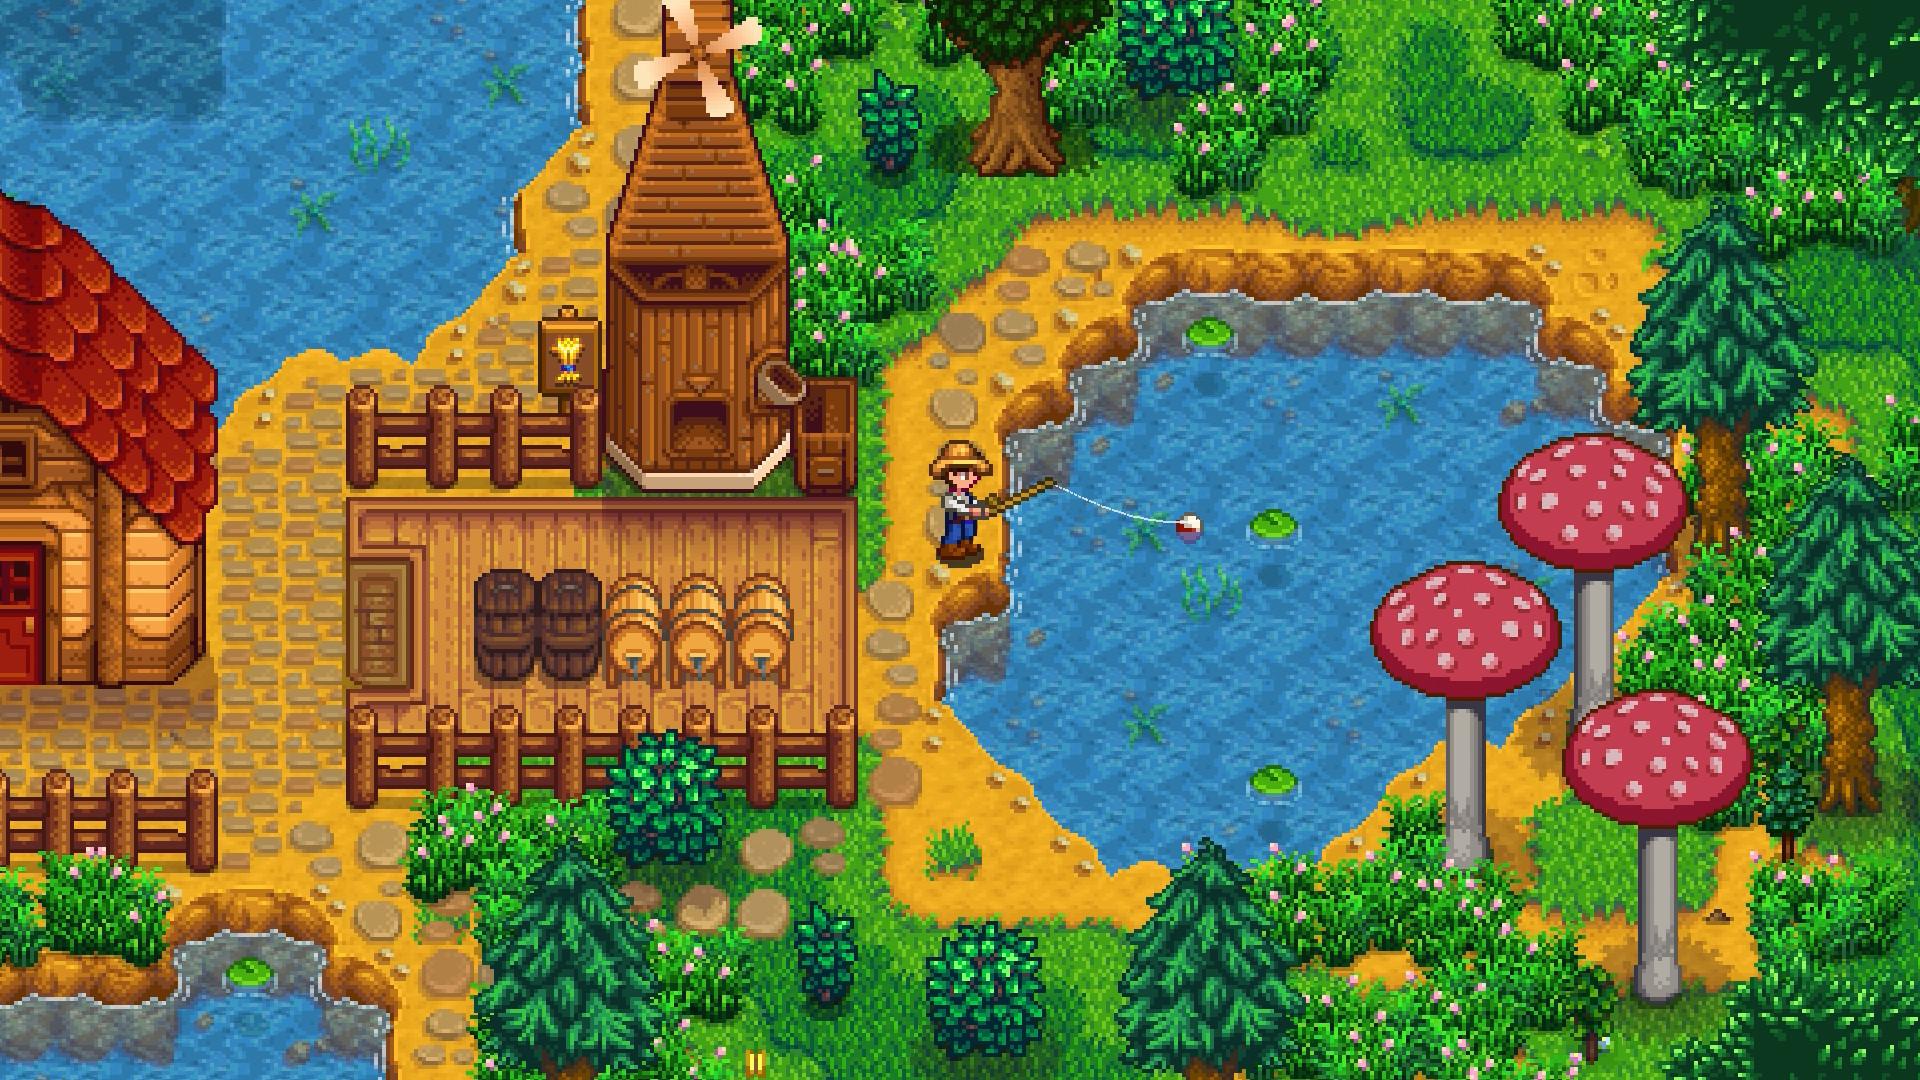 Stardew Valley update breaks multiplayer fishing, hotfix is live